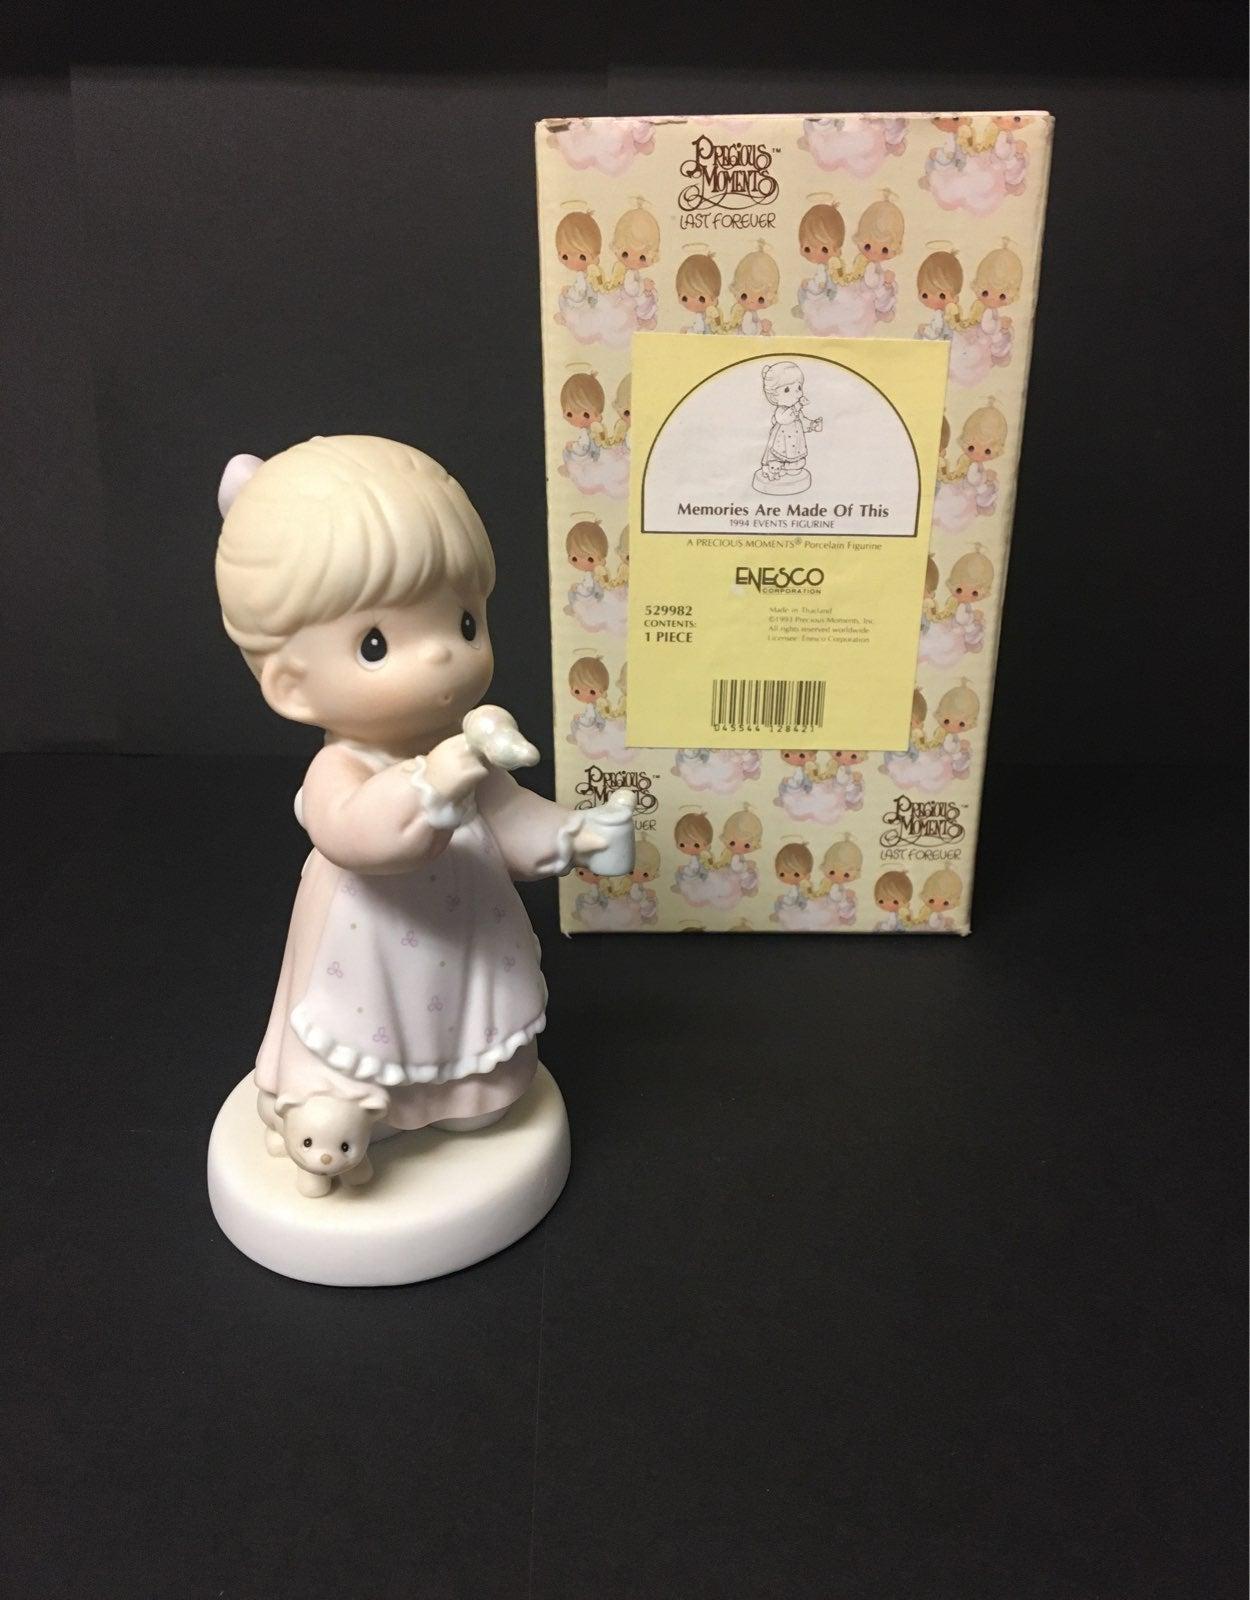 Sam Butcher Signed Figurine